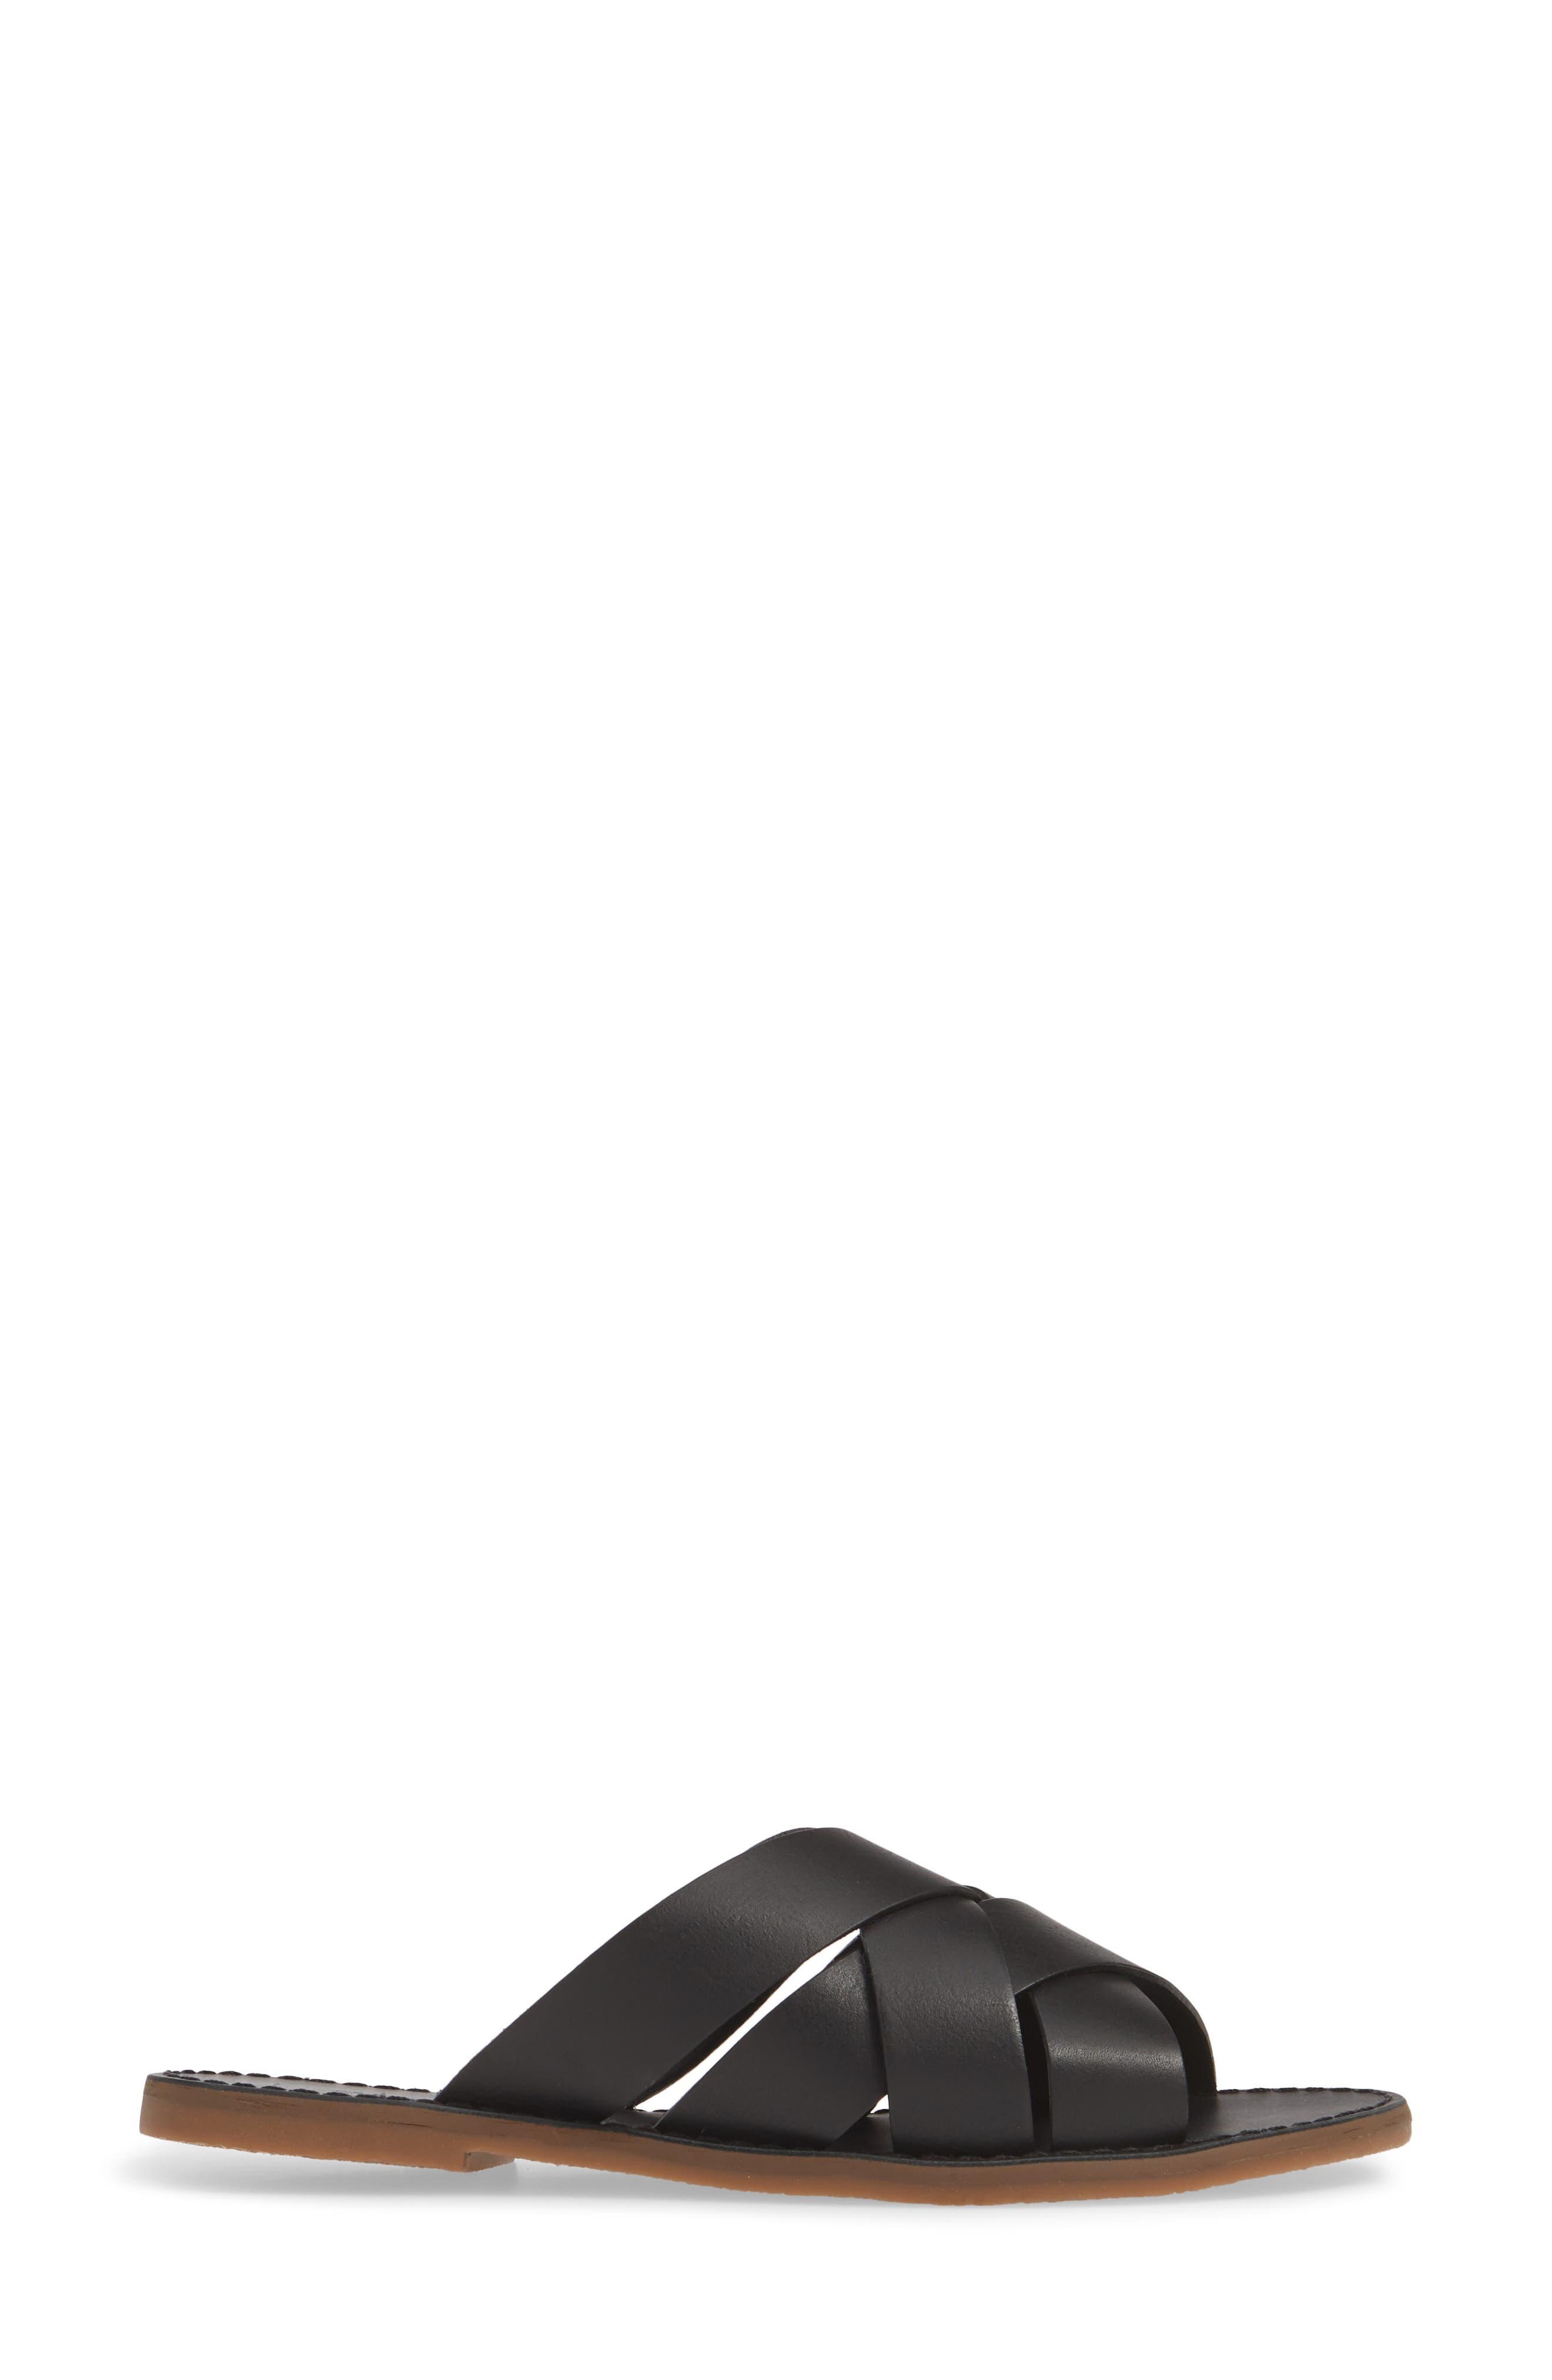 MADEWELL, The Boardwalk Woven Slide Sandal, Alternate thumbnail 3, color, TRUE BLACK